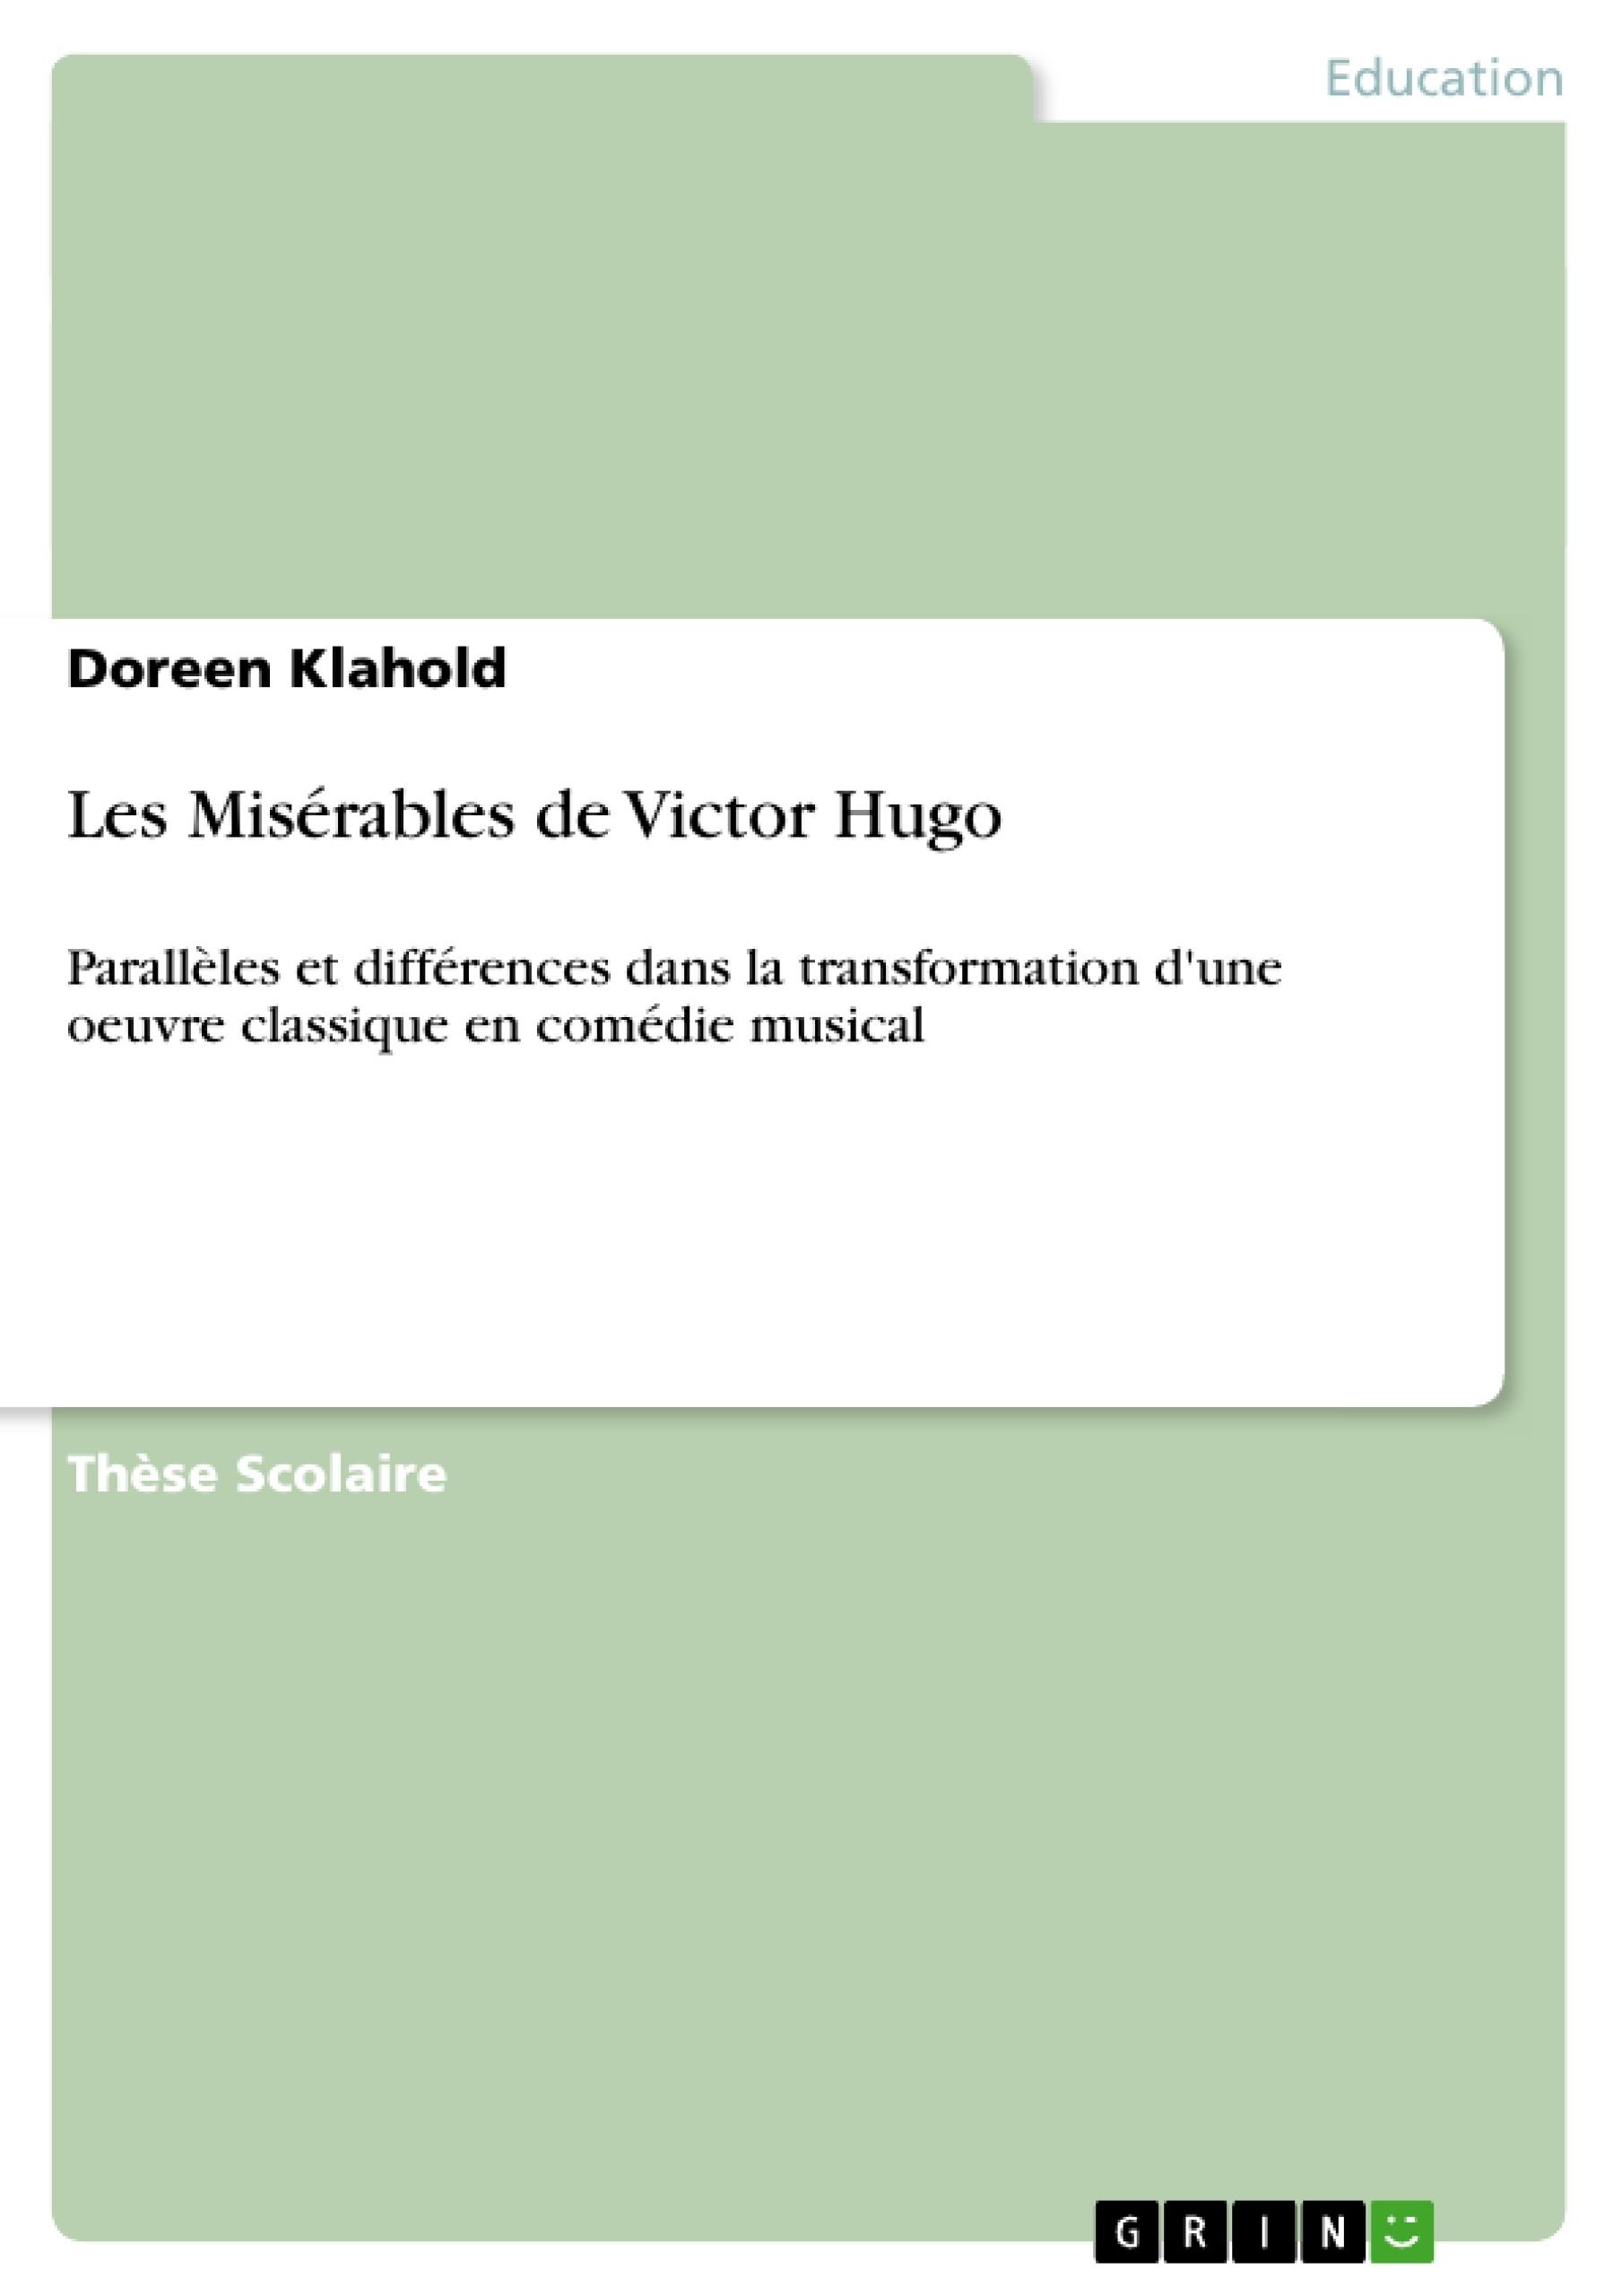 Titre: Les Misérables de Victor Hugo